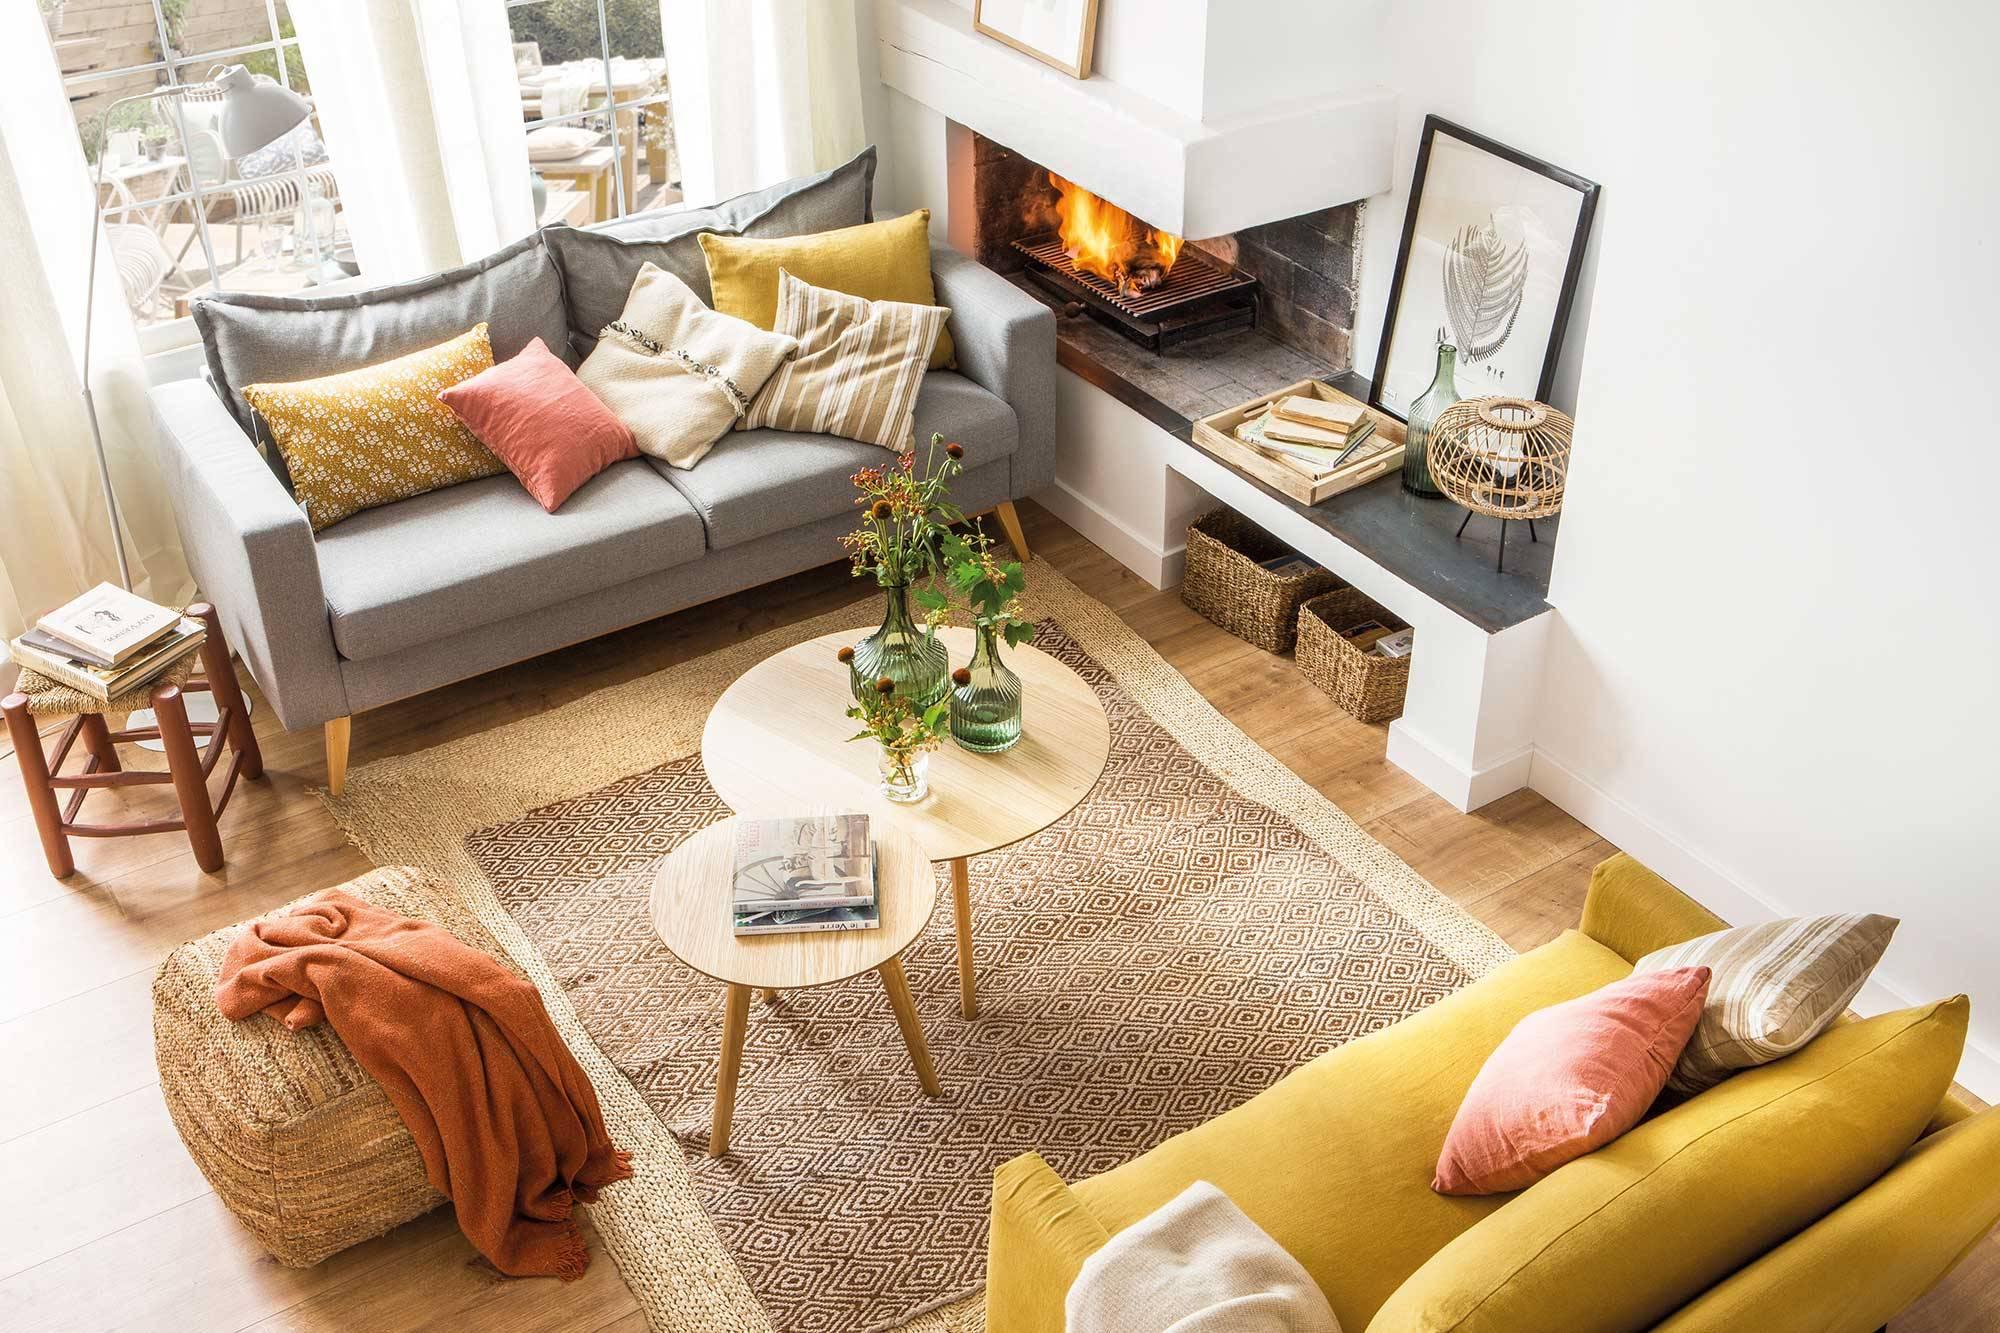 Falsos mitos decorativos de las casas pequeñas